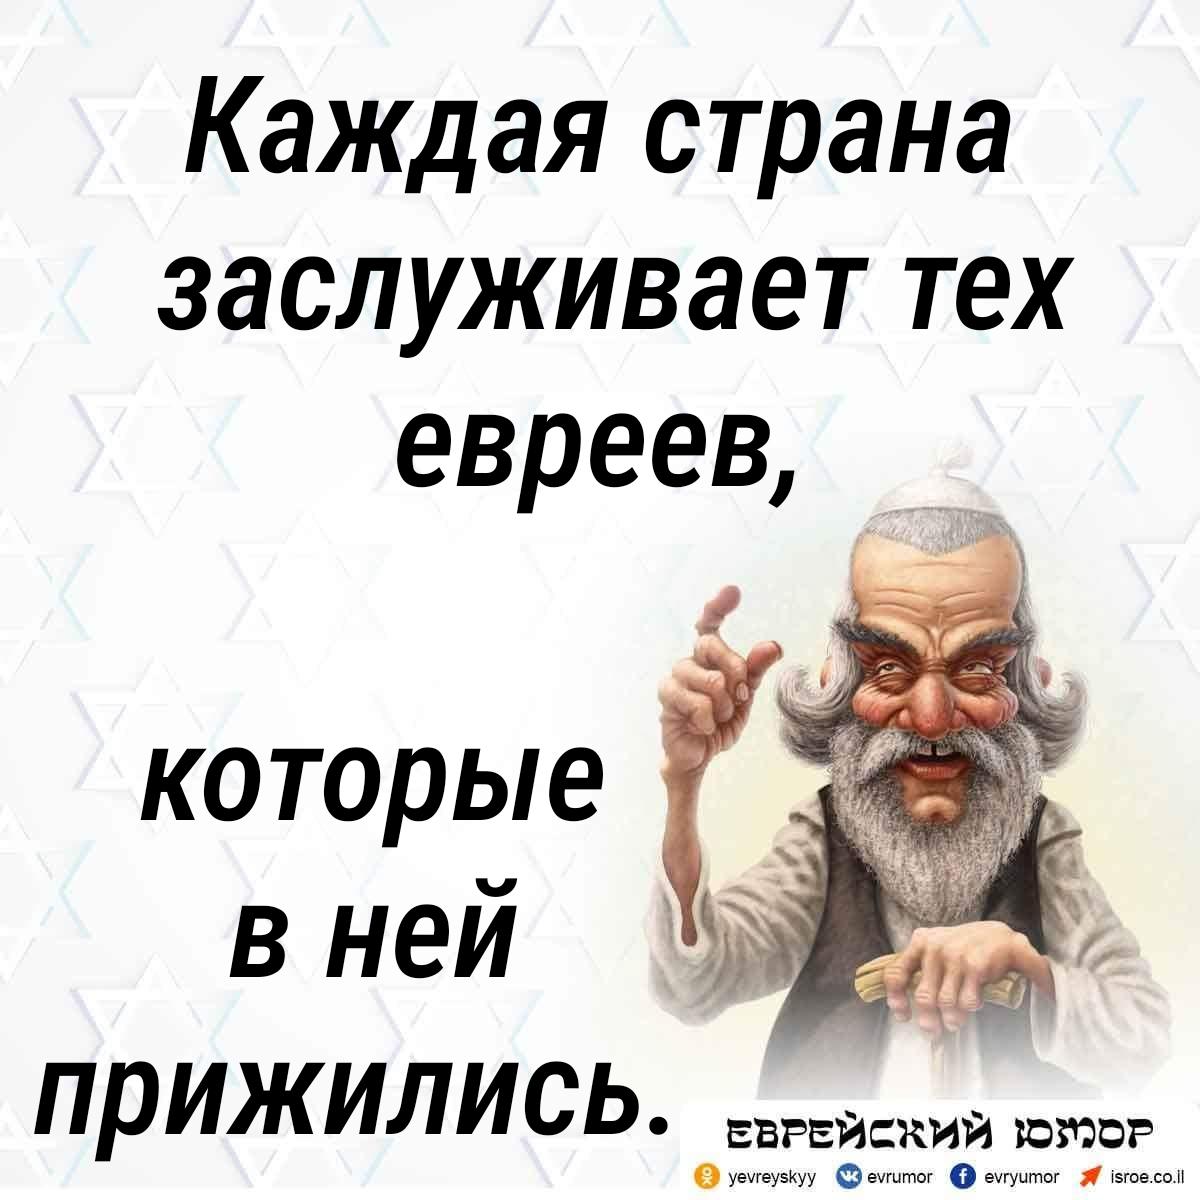 Еврейский юмор. Одесский анекдот. Каждая страна